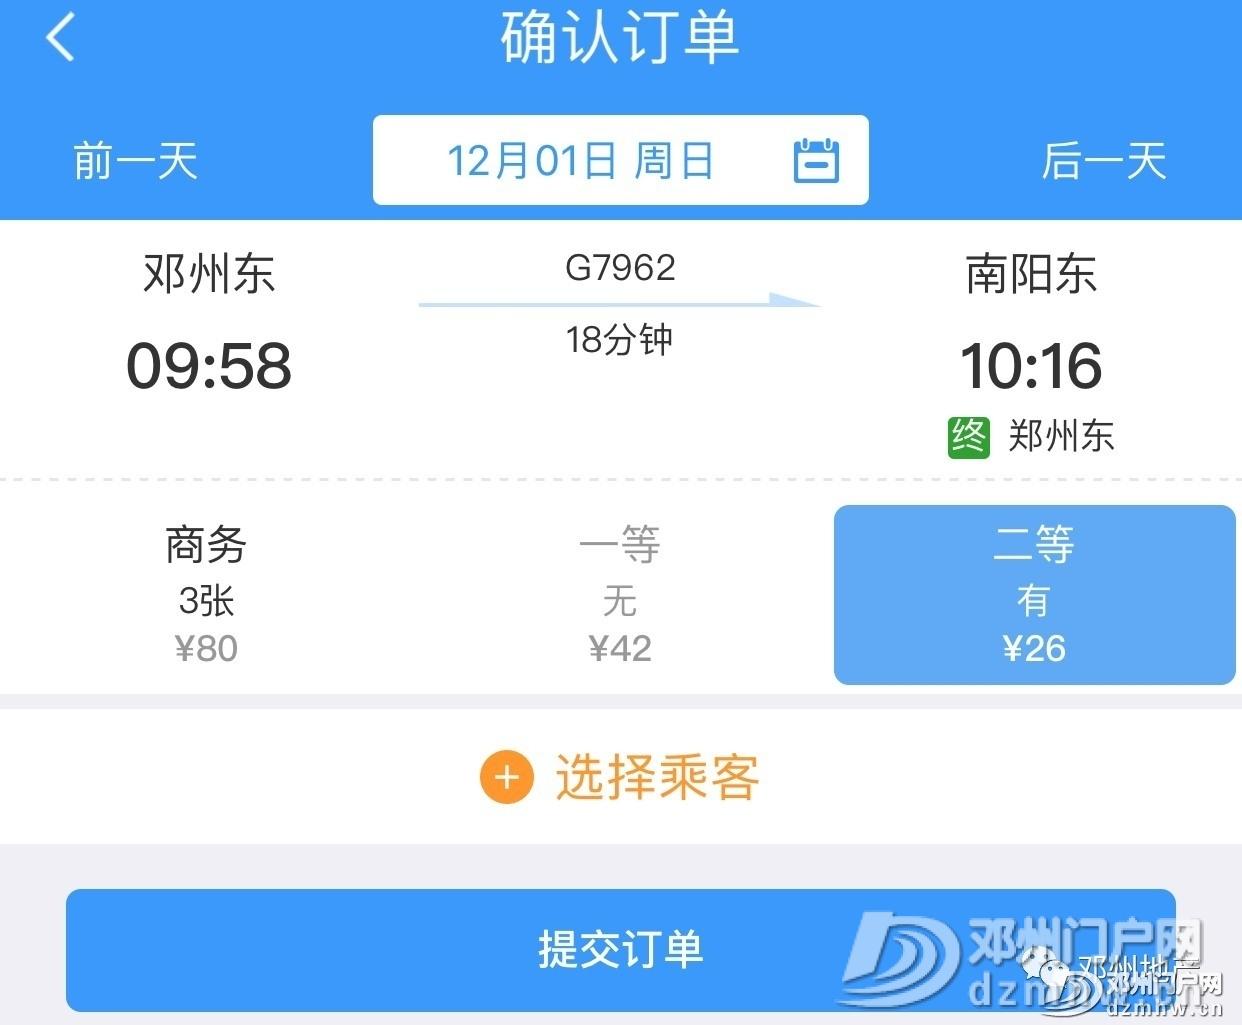 邓州高铁通往北上广深杭津成等城市票价和时刻表来了 - 邓州门户网 邓州网 - 3e4a8122d21d44dba9cc844ff9908307.jpg